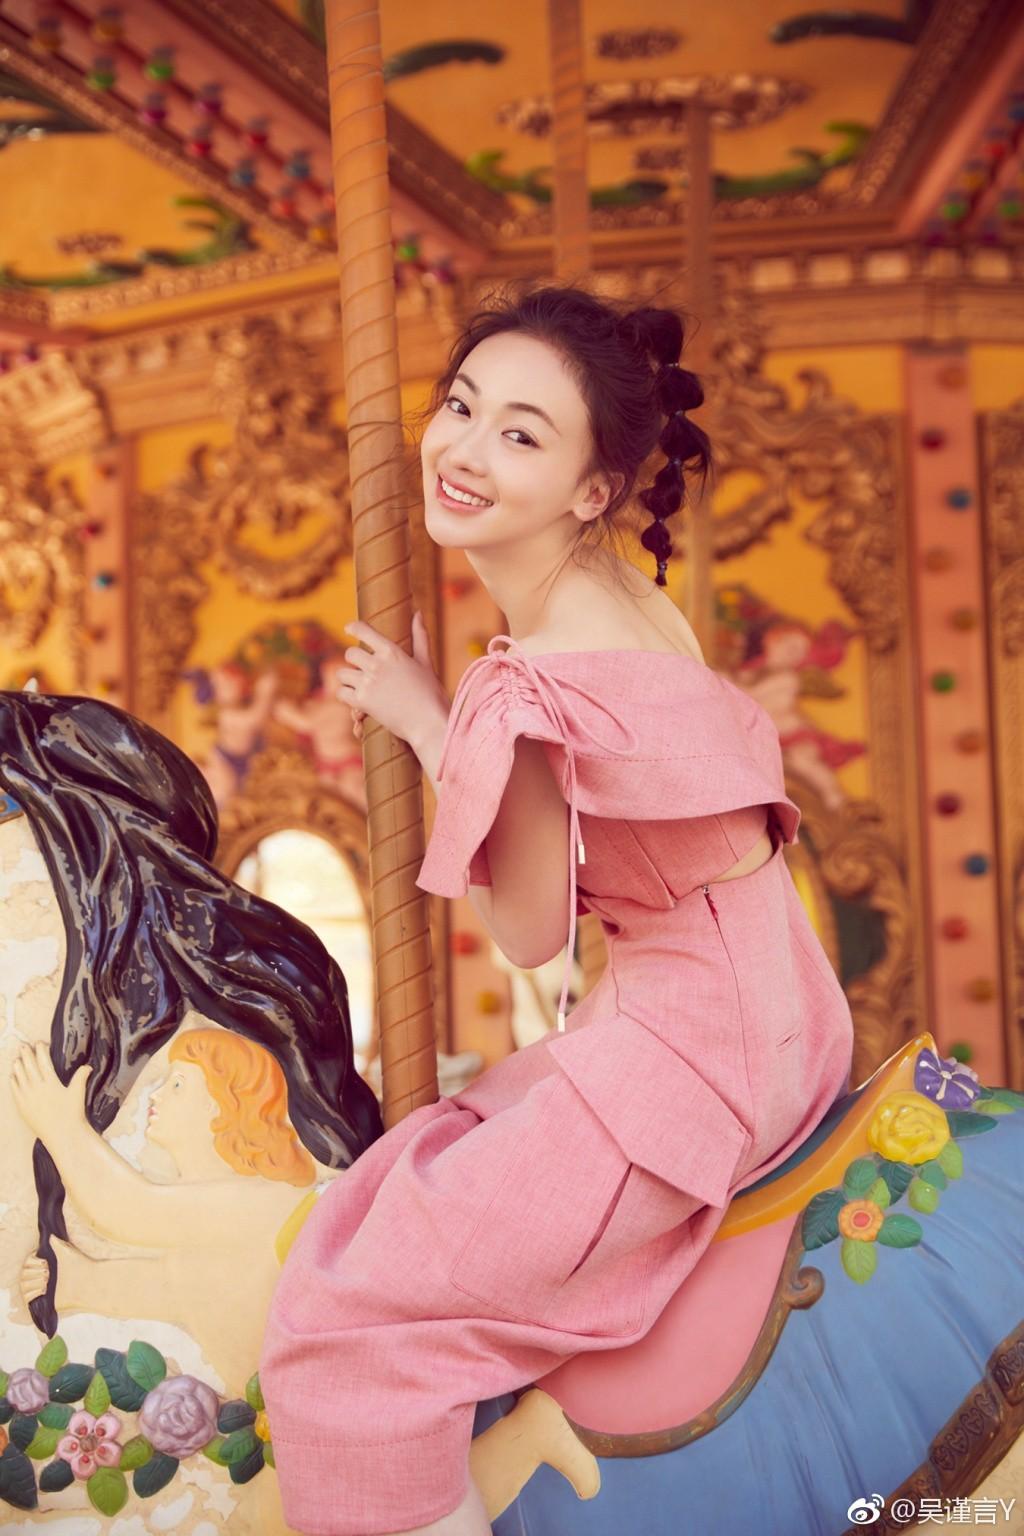 Cận cảnh nhan sắc đẹp - độc - lạ của Ngụy Anh Lạc Ngô Cẩn Ngôn trong drama hot 100 độ Diên Hi Công Lược - Ảnh 32.